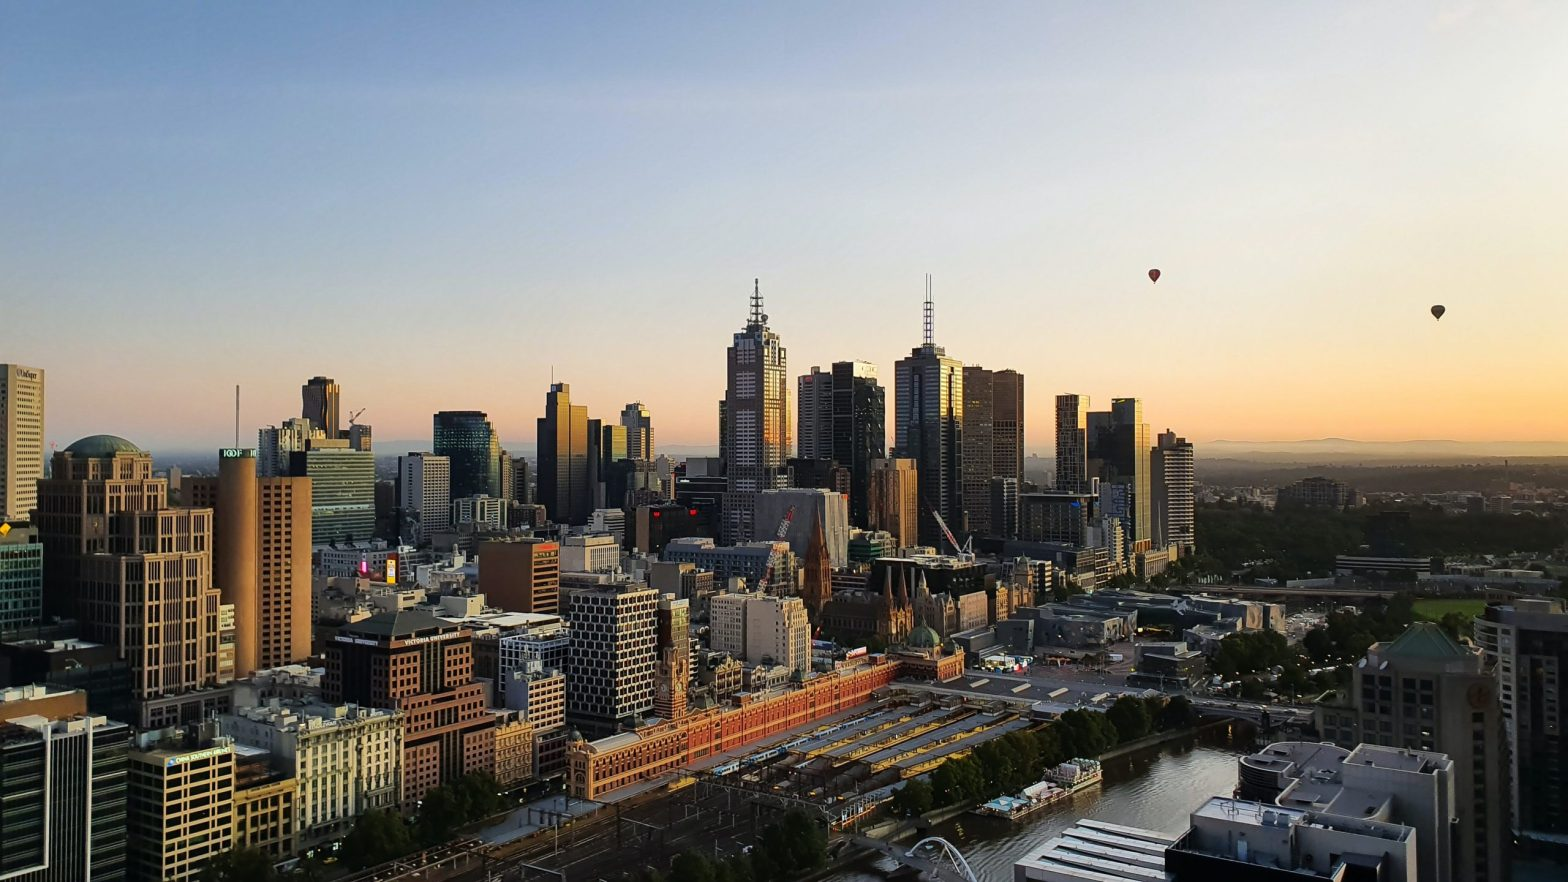 Aerial shot of Melbourne, Australia